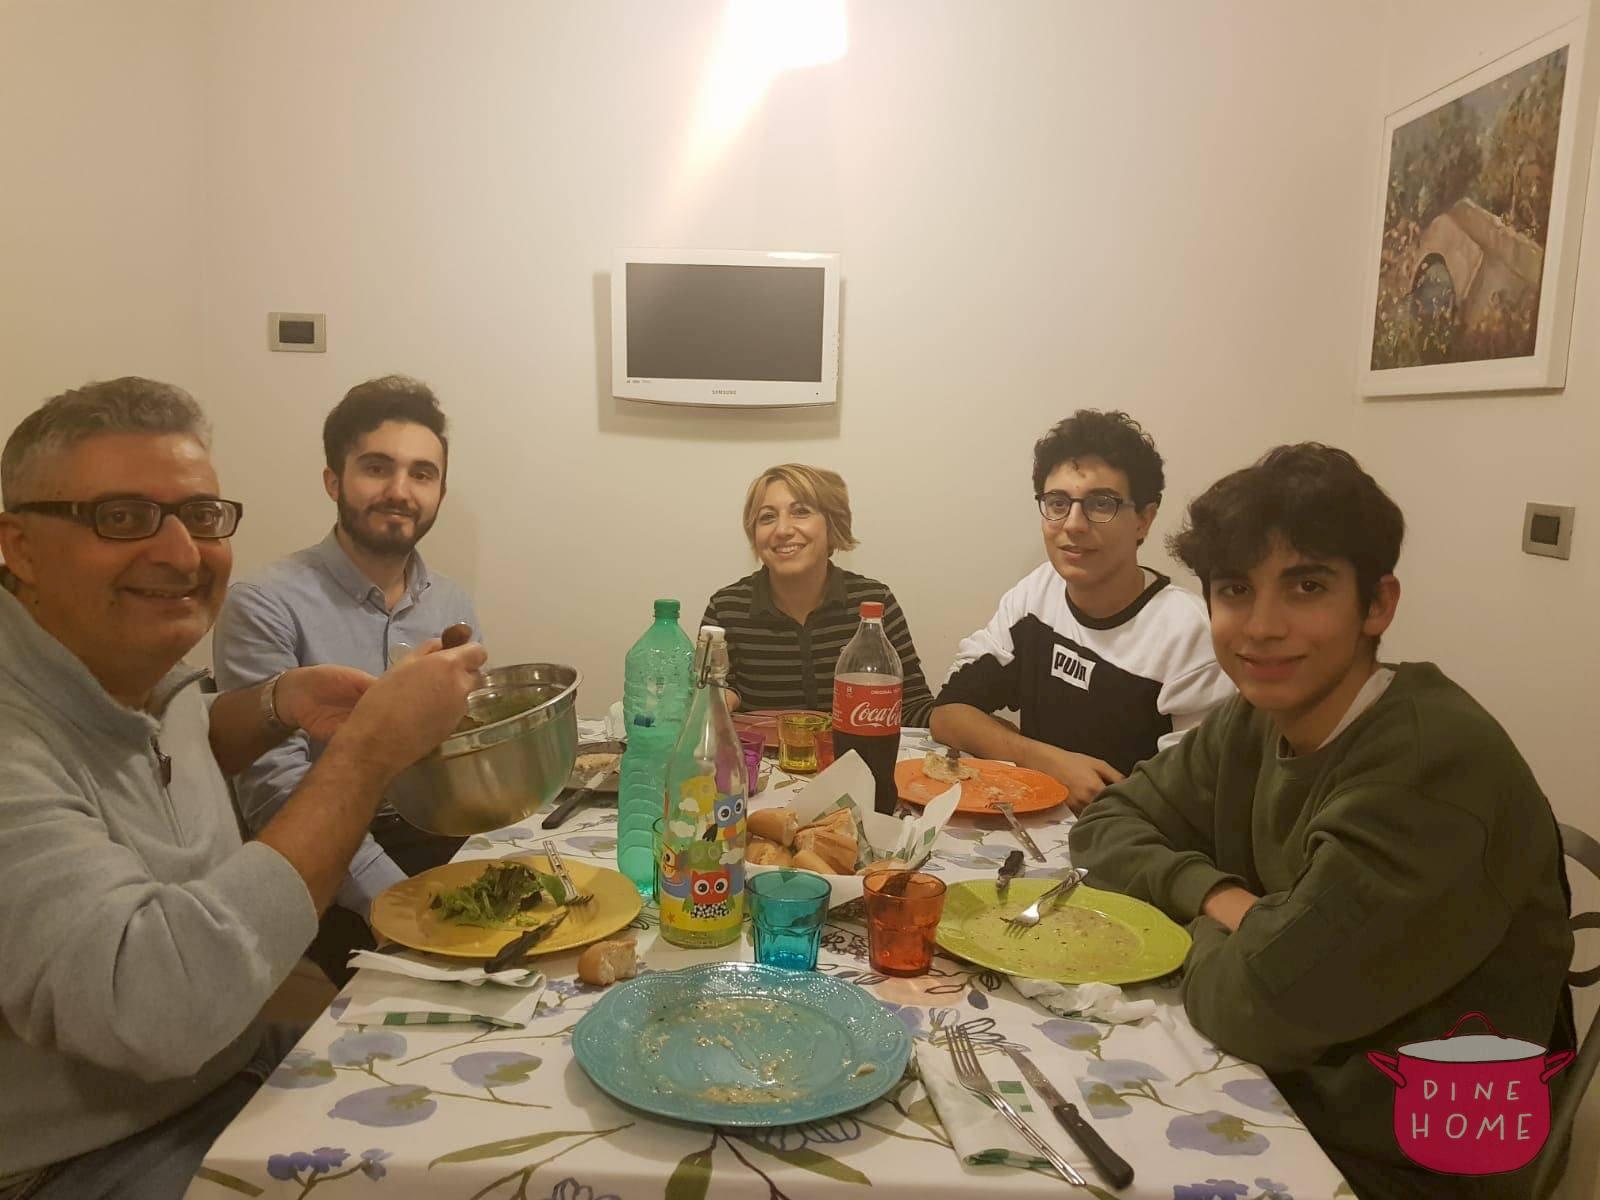 Murad, studente dall'Azerbaigian, a cena dalla sua famiglia Dinehome.